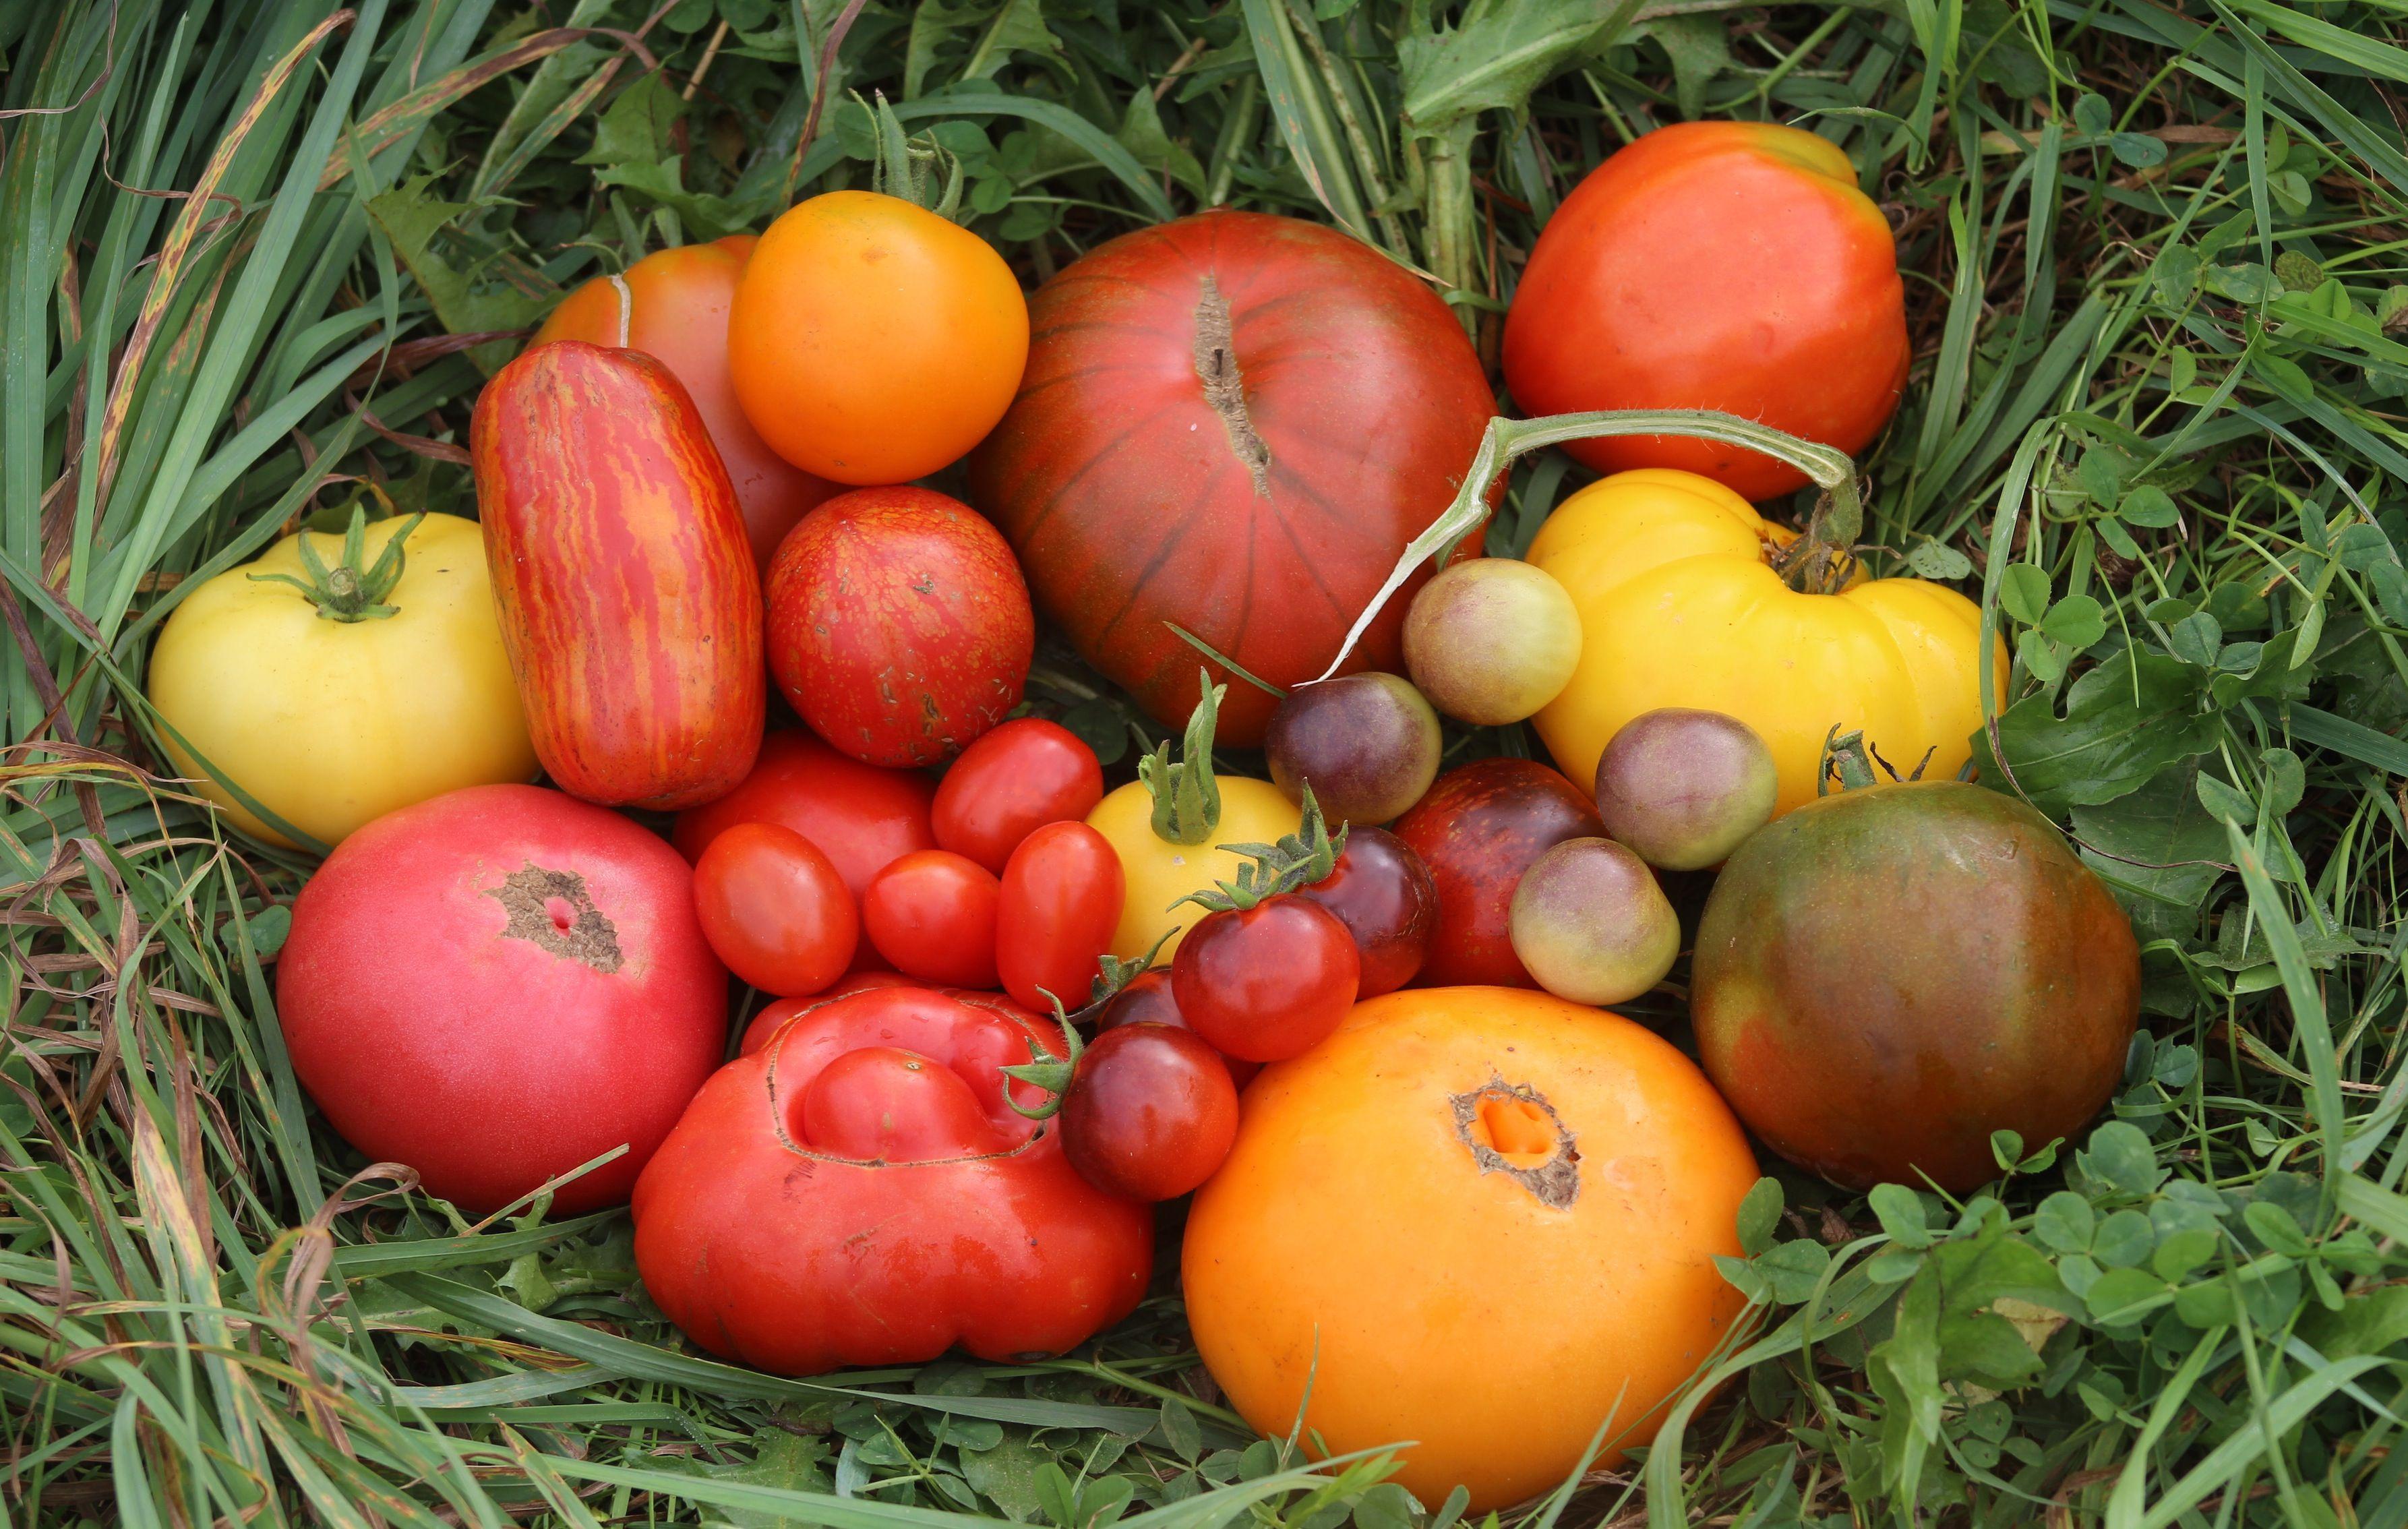 Sweetheart tomato seeds Heirloom seeds, Seeds, Heirloom